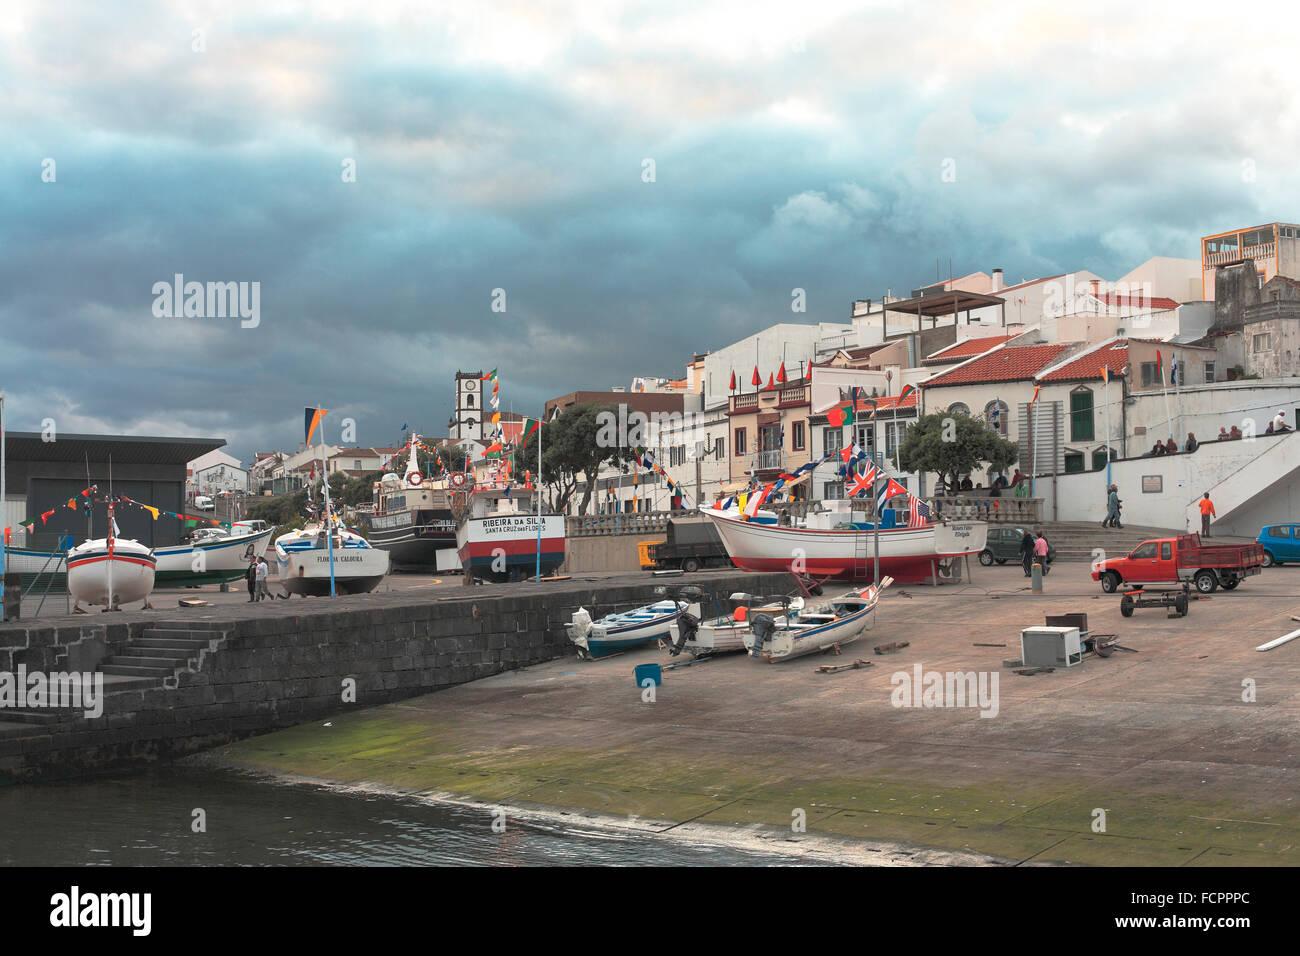 Harbour of Vila Franca do Campo. Sao Miguel island, Azores islands, Portugal. - Stock Image